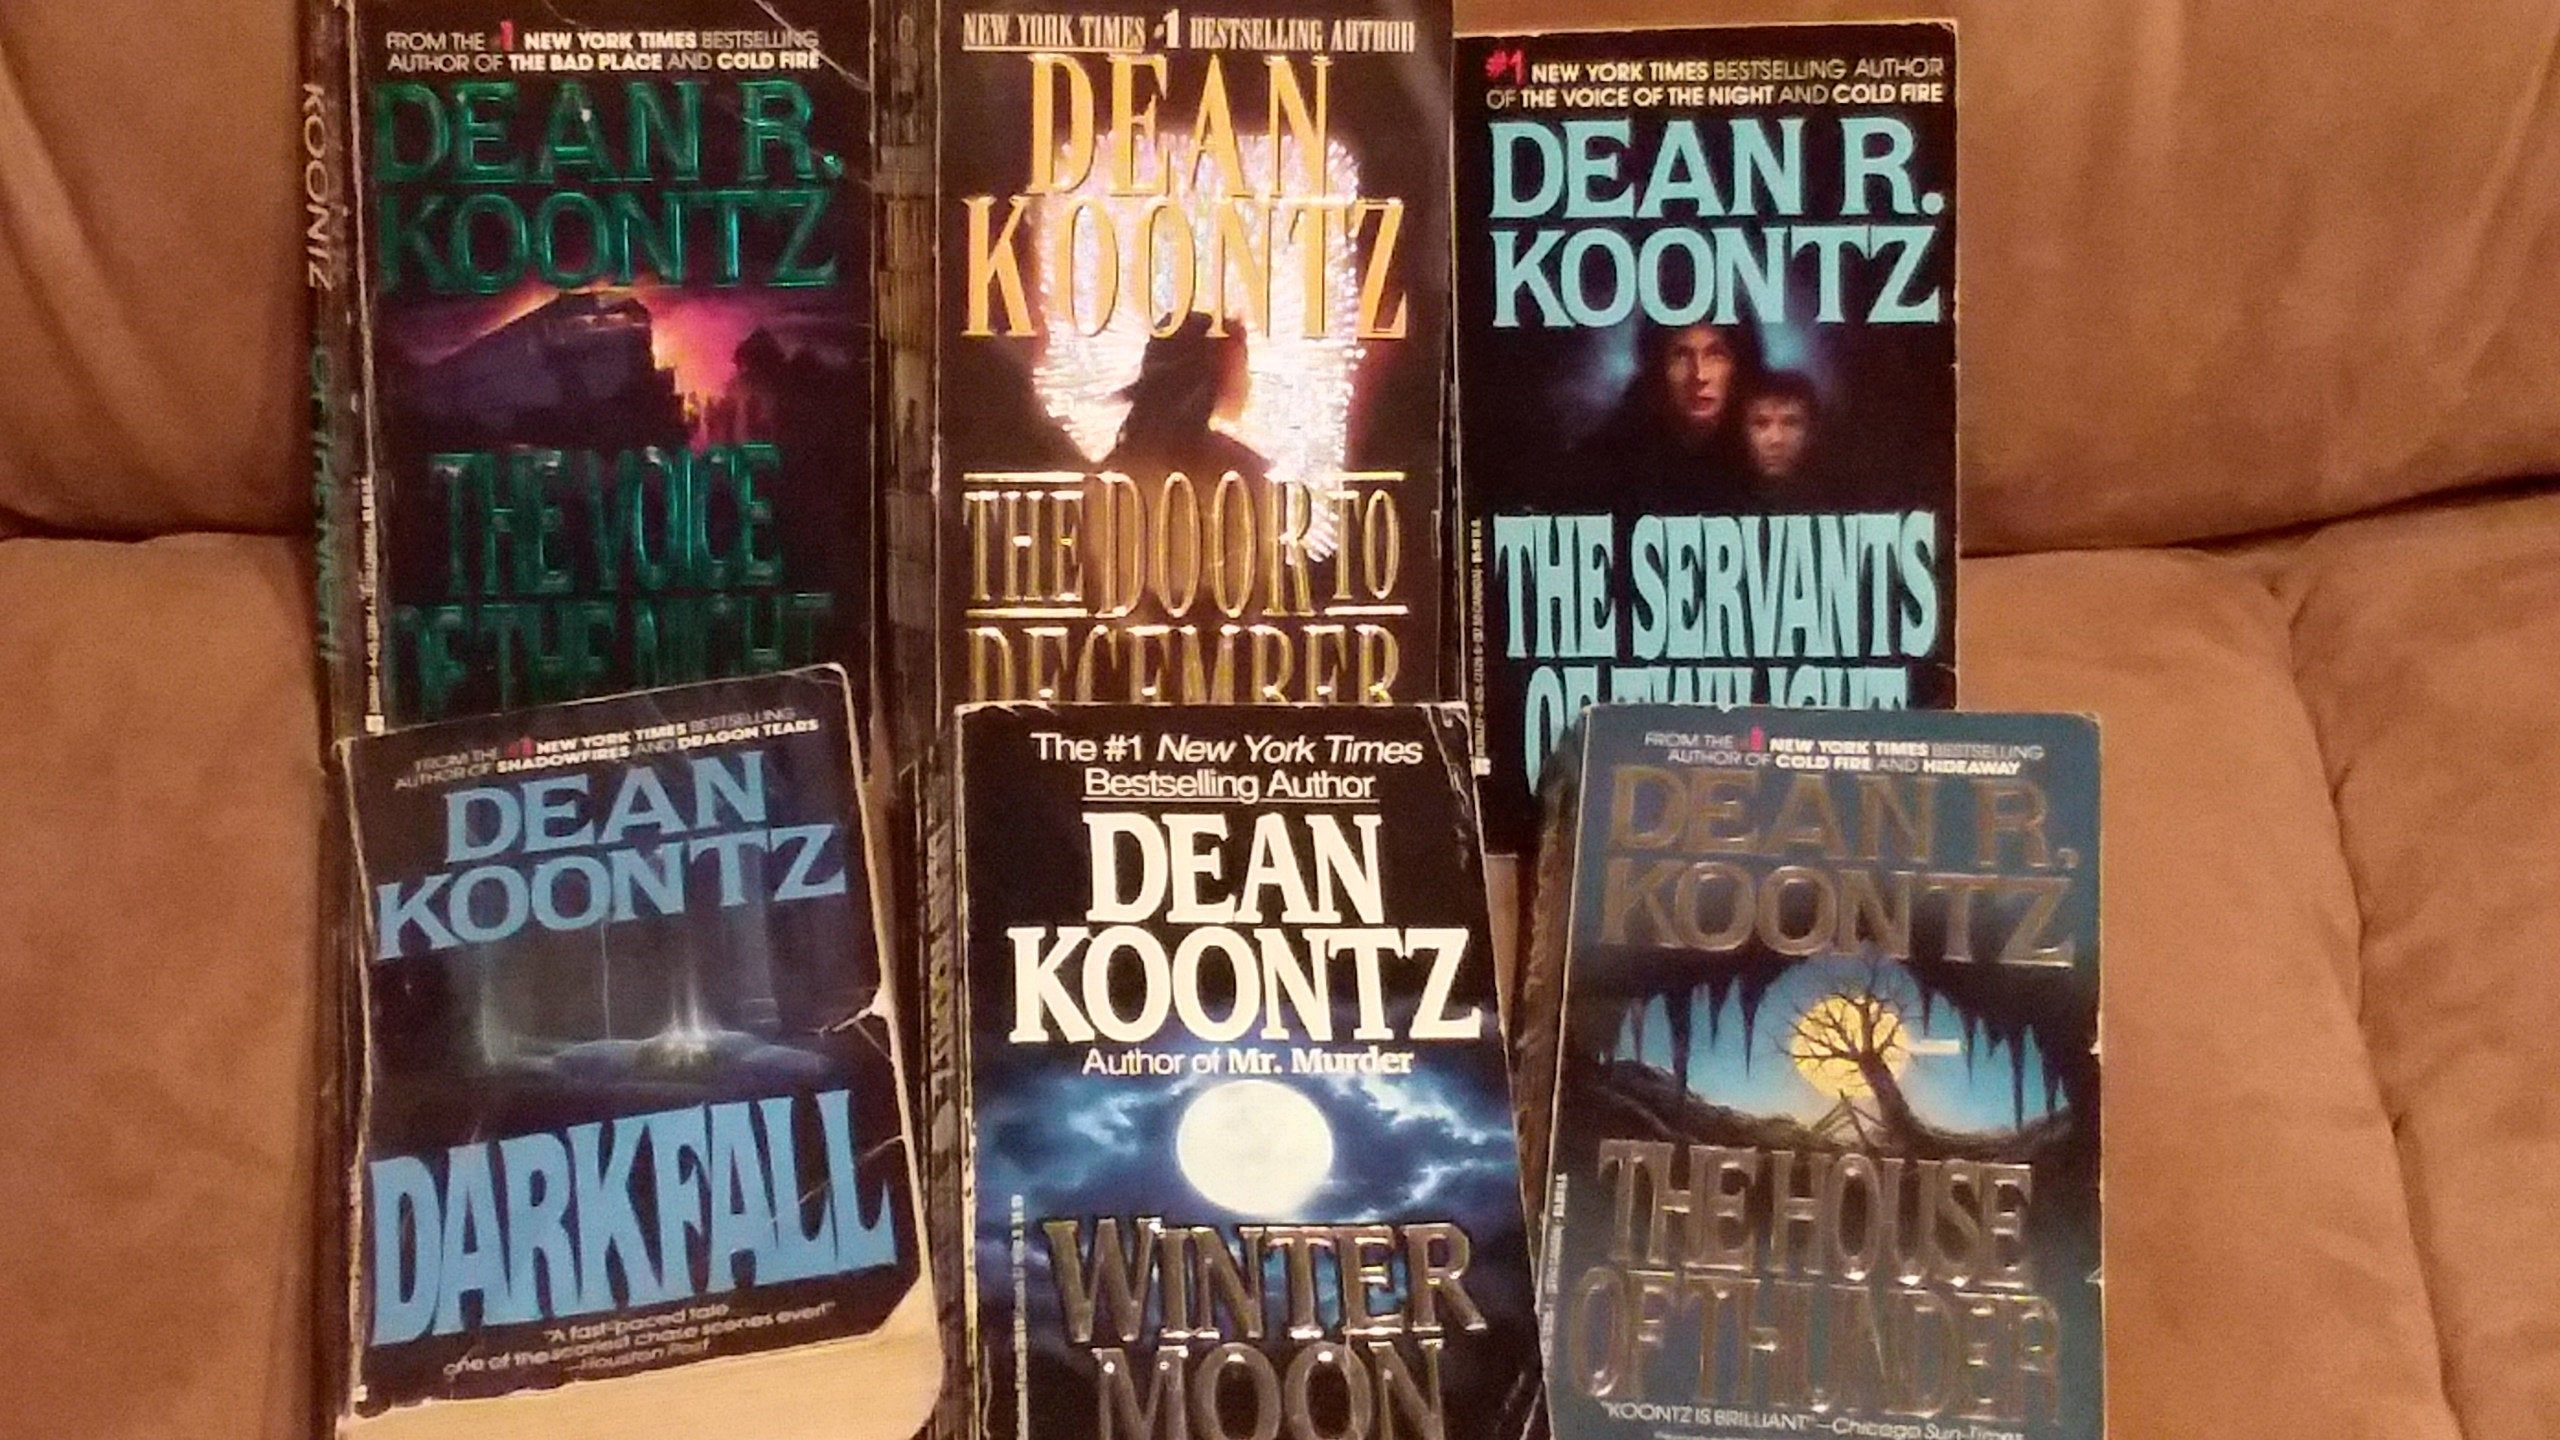 Dean Koontz Paperback Novels 6 Paperback Books Suspense Horror Thriller Darkfall Winter Moon Door To December The House Of Thunde Novels Winter Moon Paperbacks